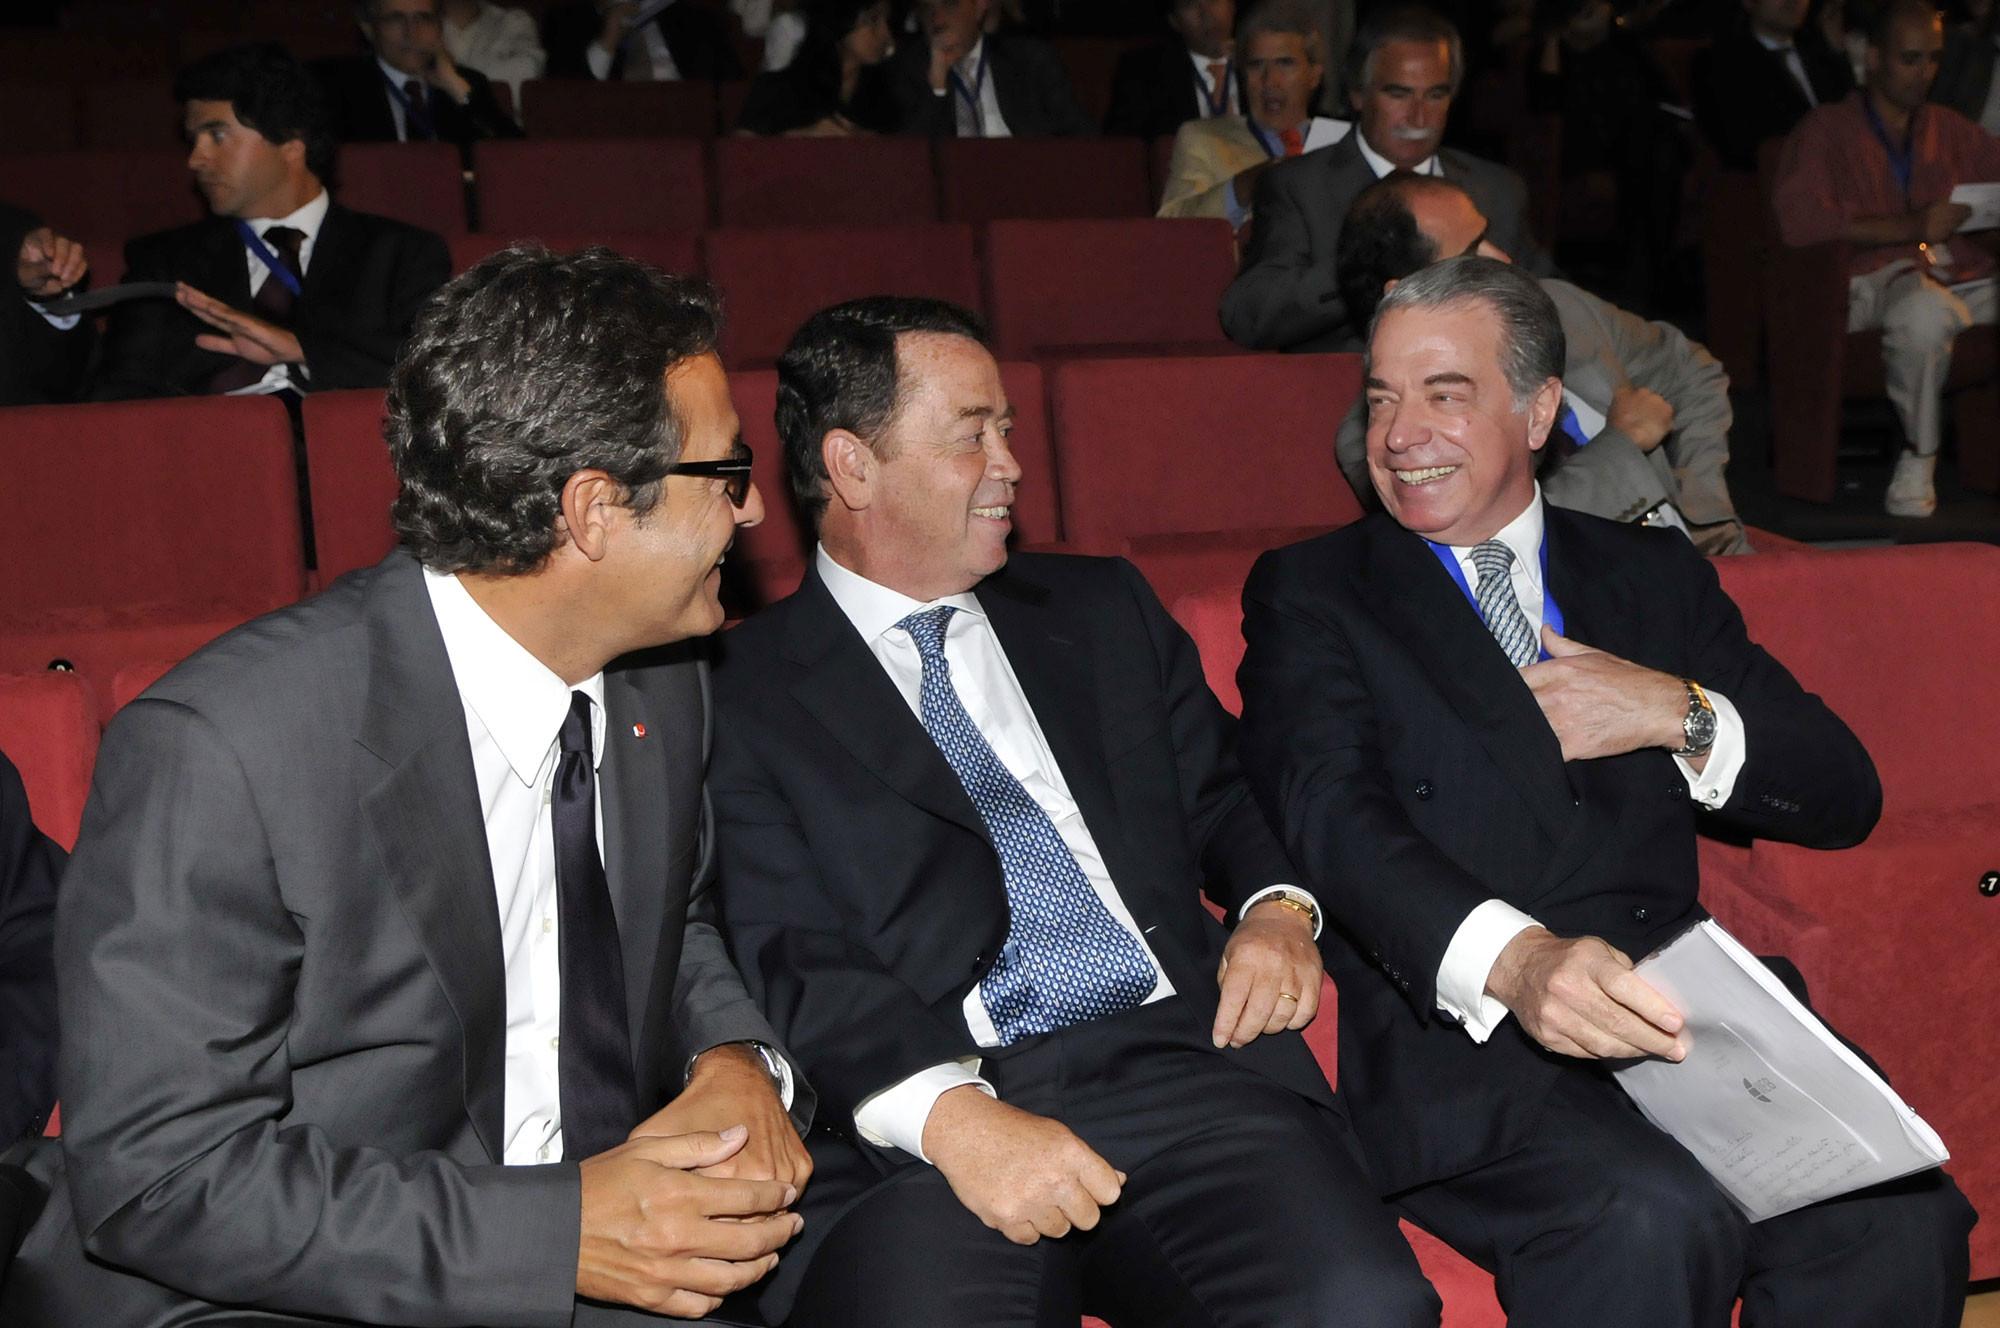 Agenda de Manuel Pinho revela encontros com Salgado e Mexia no mesmo dia